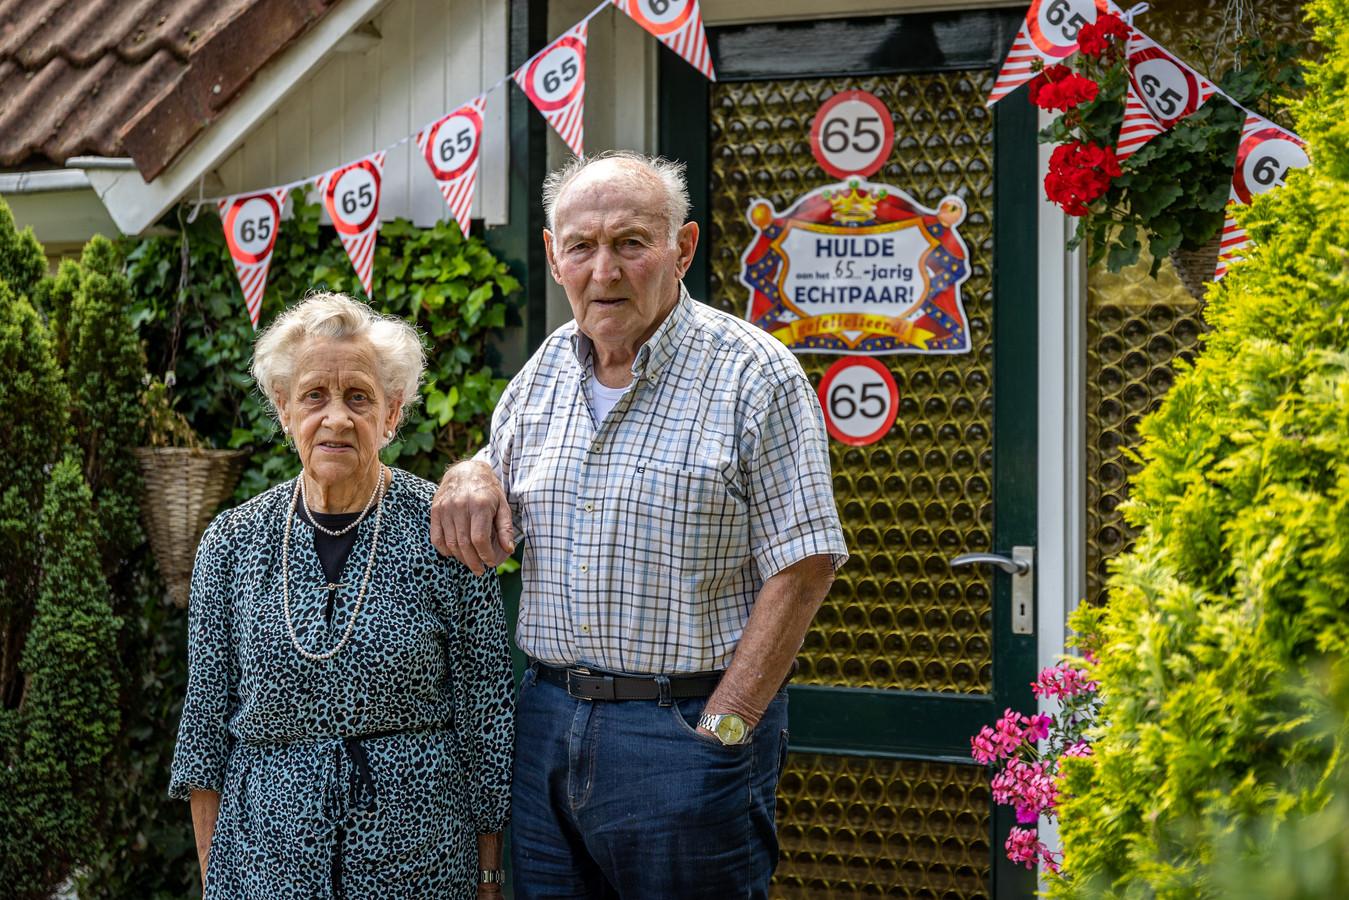 Zondag waren Willem (85) en Dine (87) Schippers 'van de Witmoesdijk' 65 jaar getrouwd.